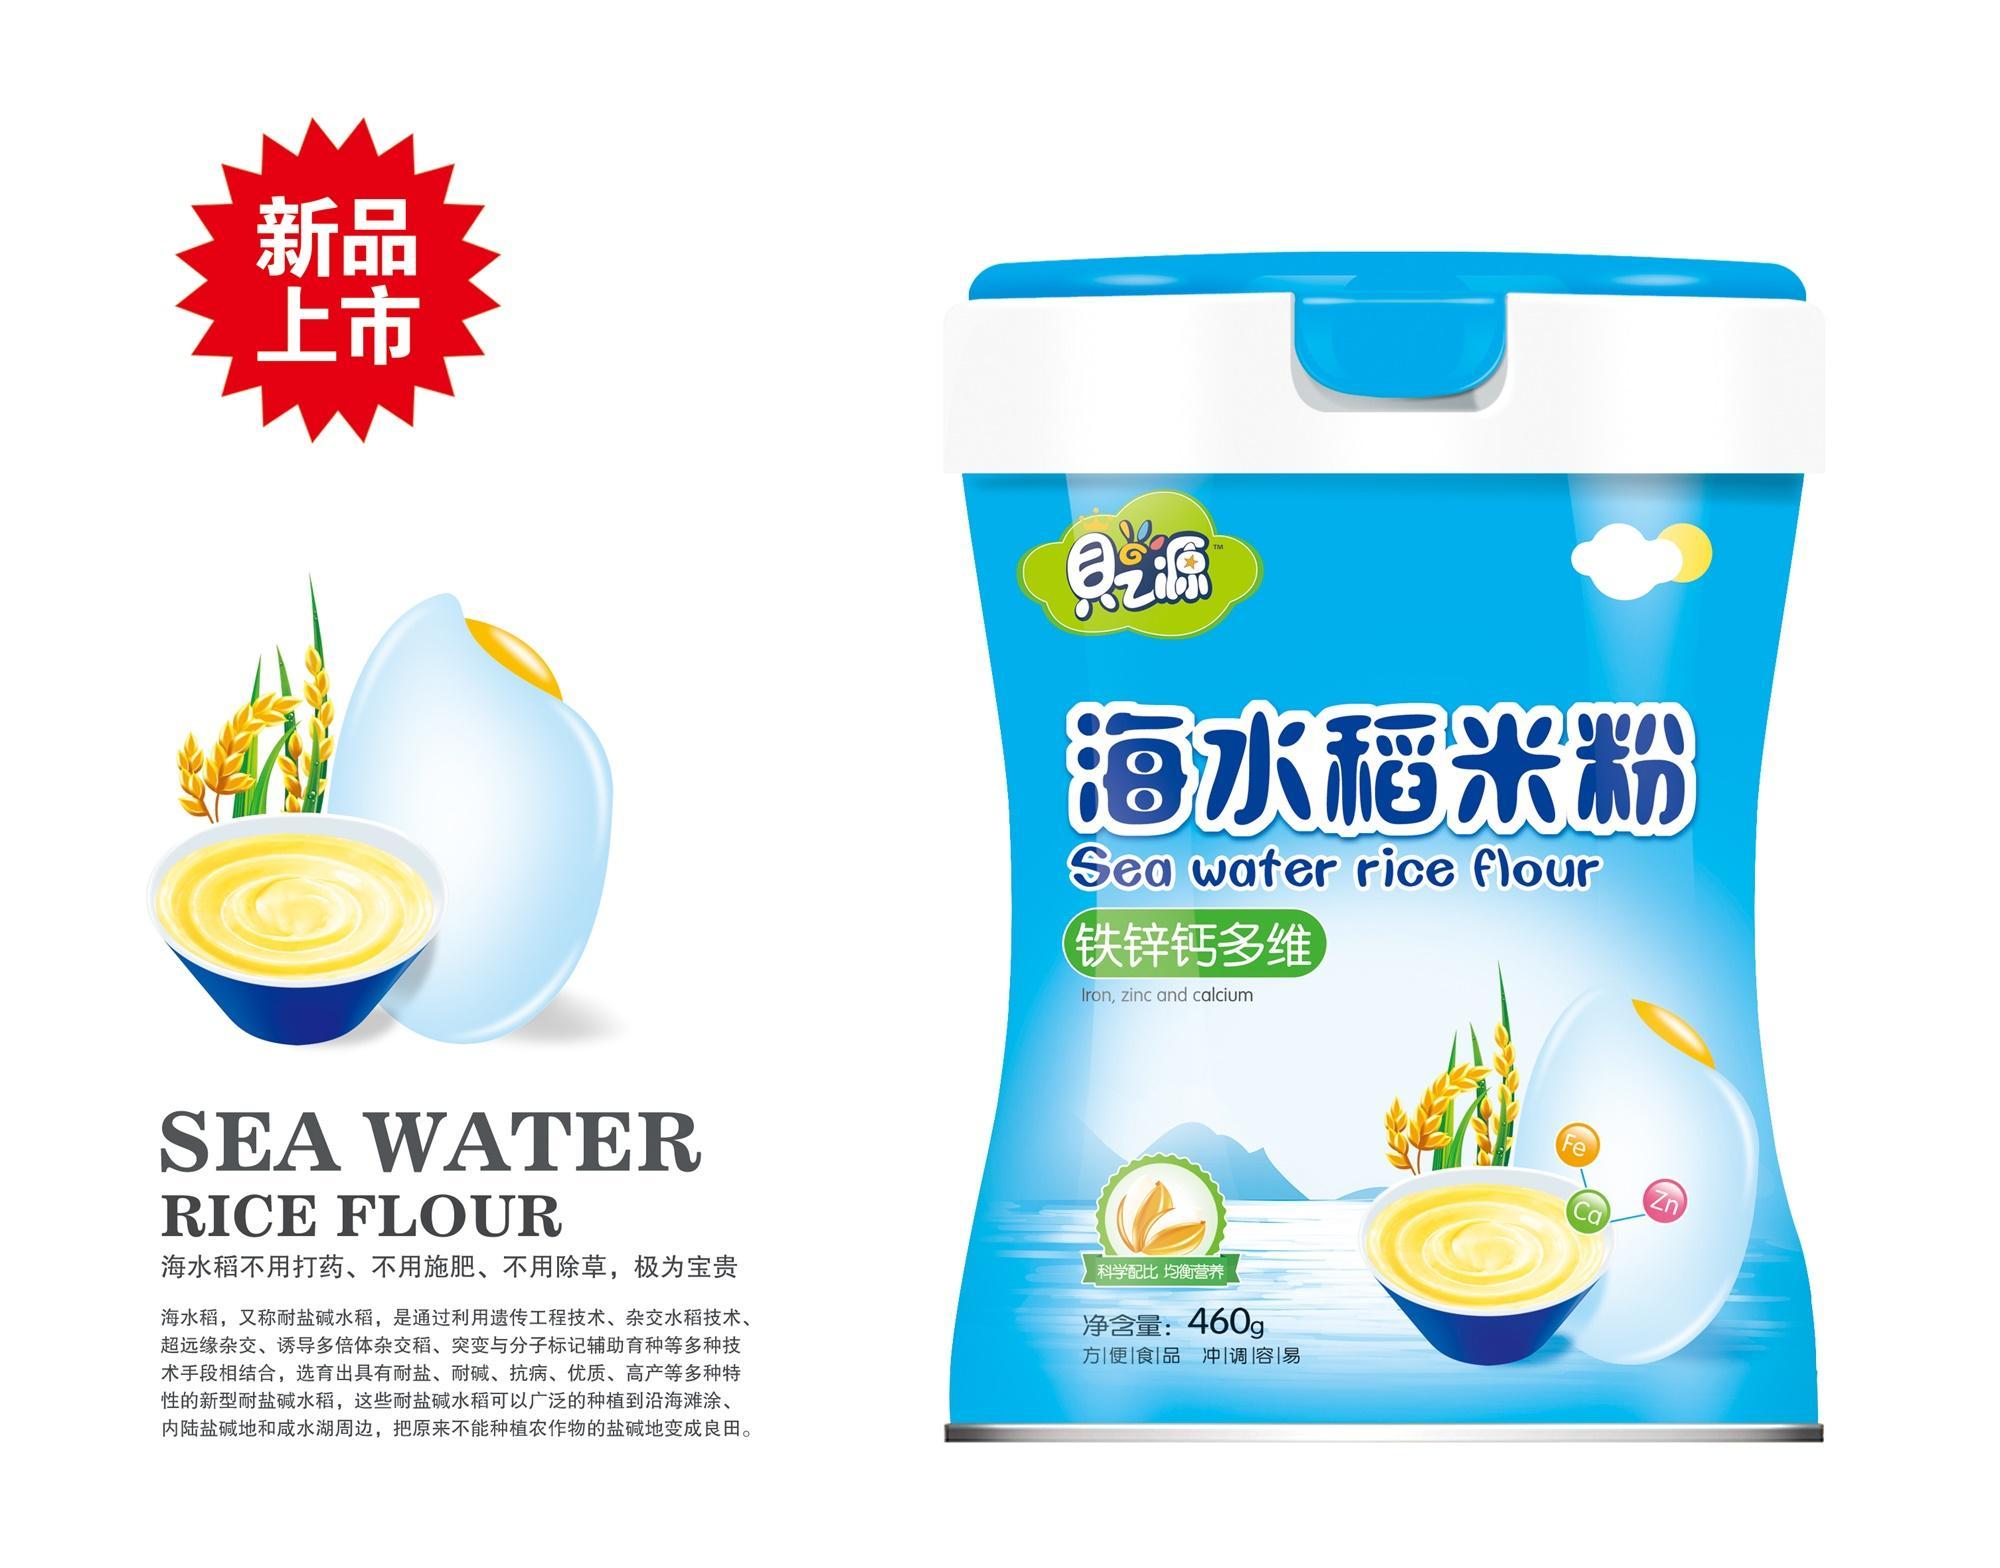 铁锌钙多维海水稻米粉听装招商